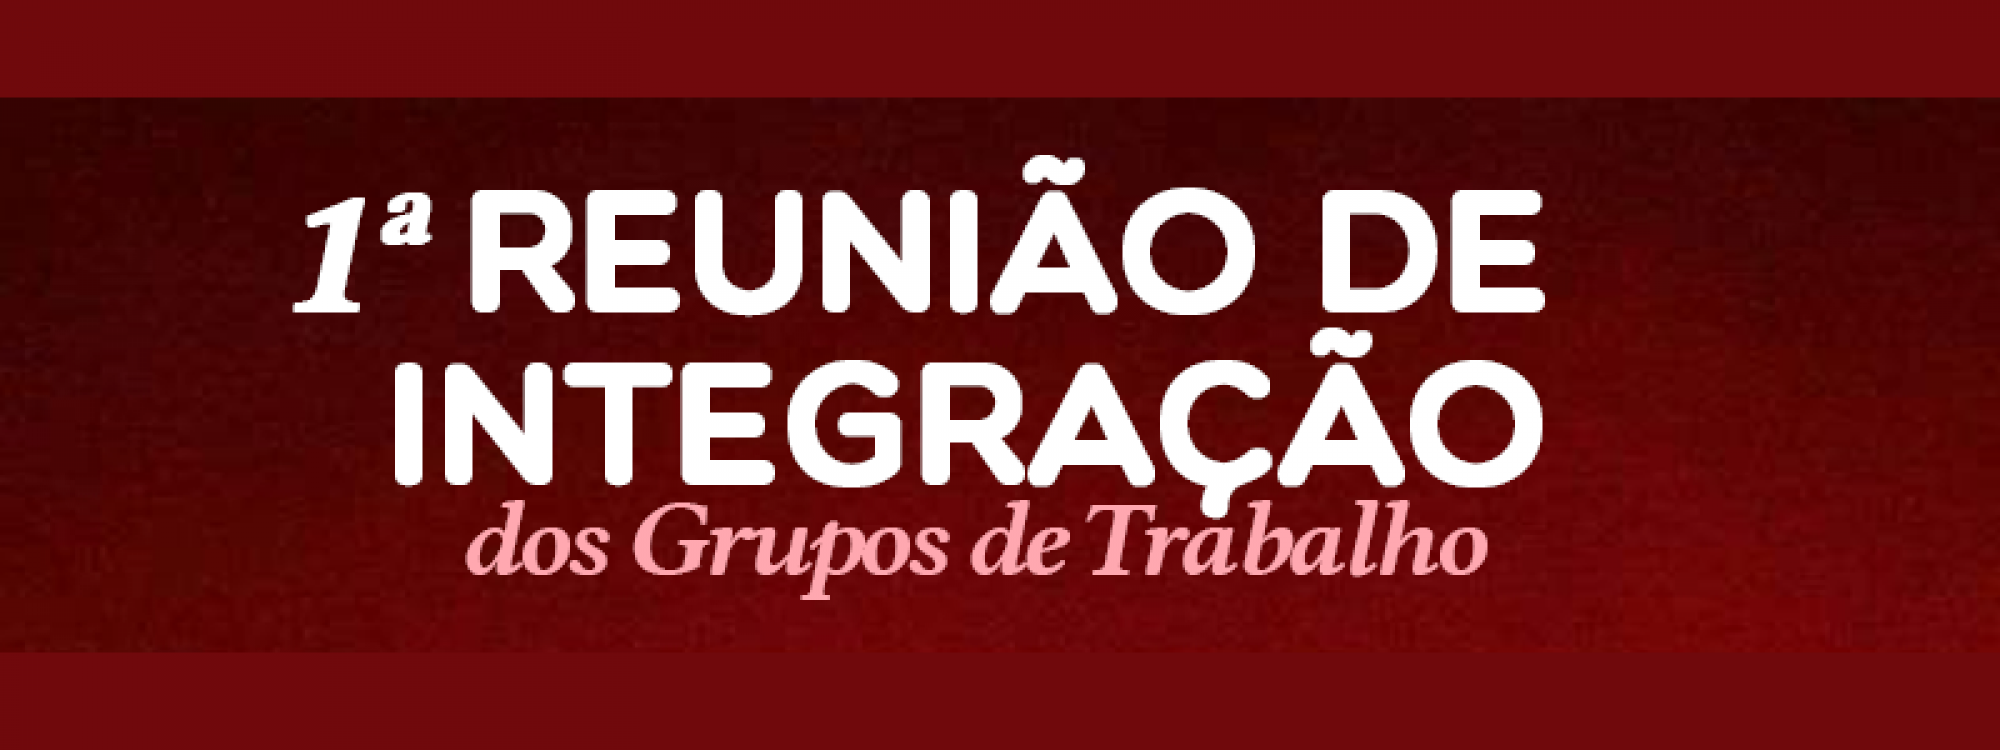 Primeira Reunião de Integração dos Grupos de Trabalho da ADUFU ocorre nesta sexta, 11